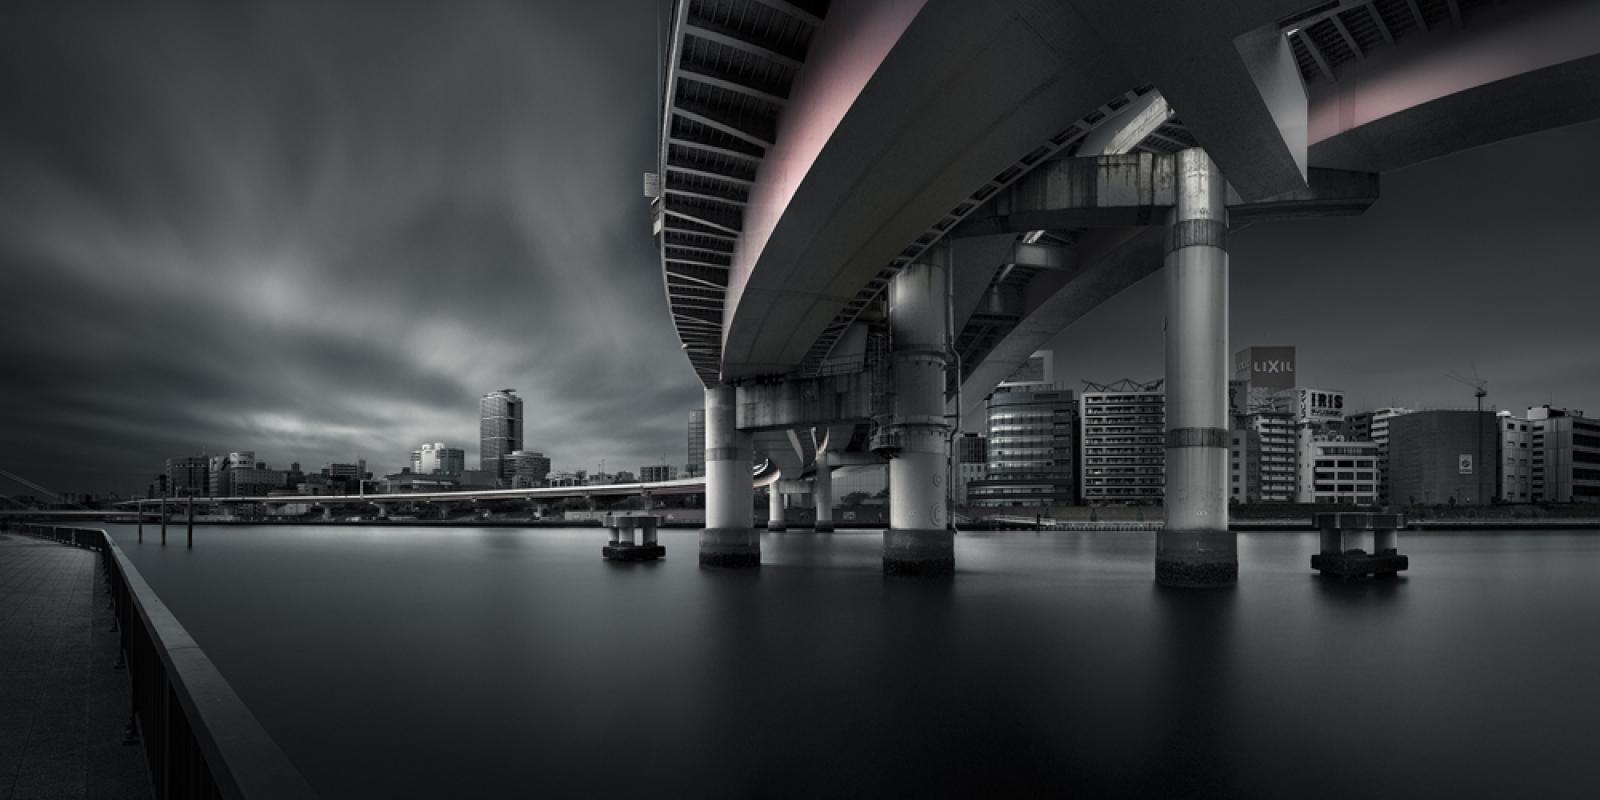 Город соединения, © Йошихико Вада, Япония, 1-е место в категории Архитектура, любитель, Открытие года, Токийский фотоконкурс 2018 — TIFA